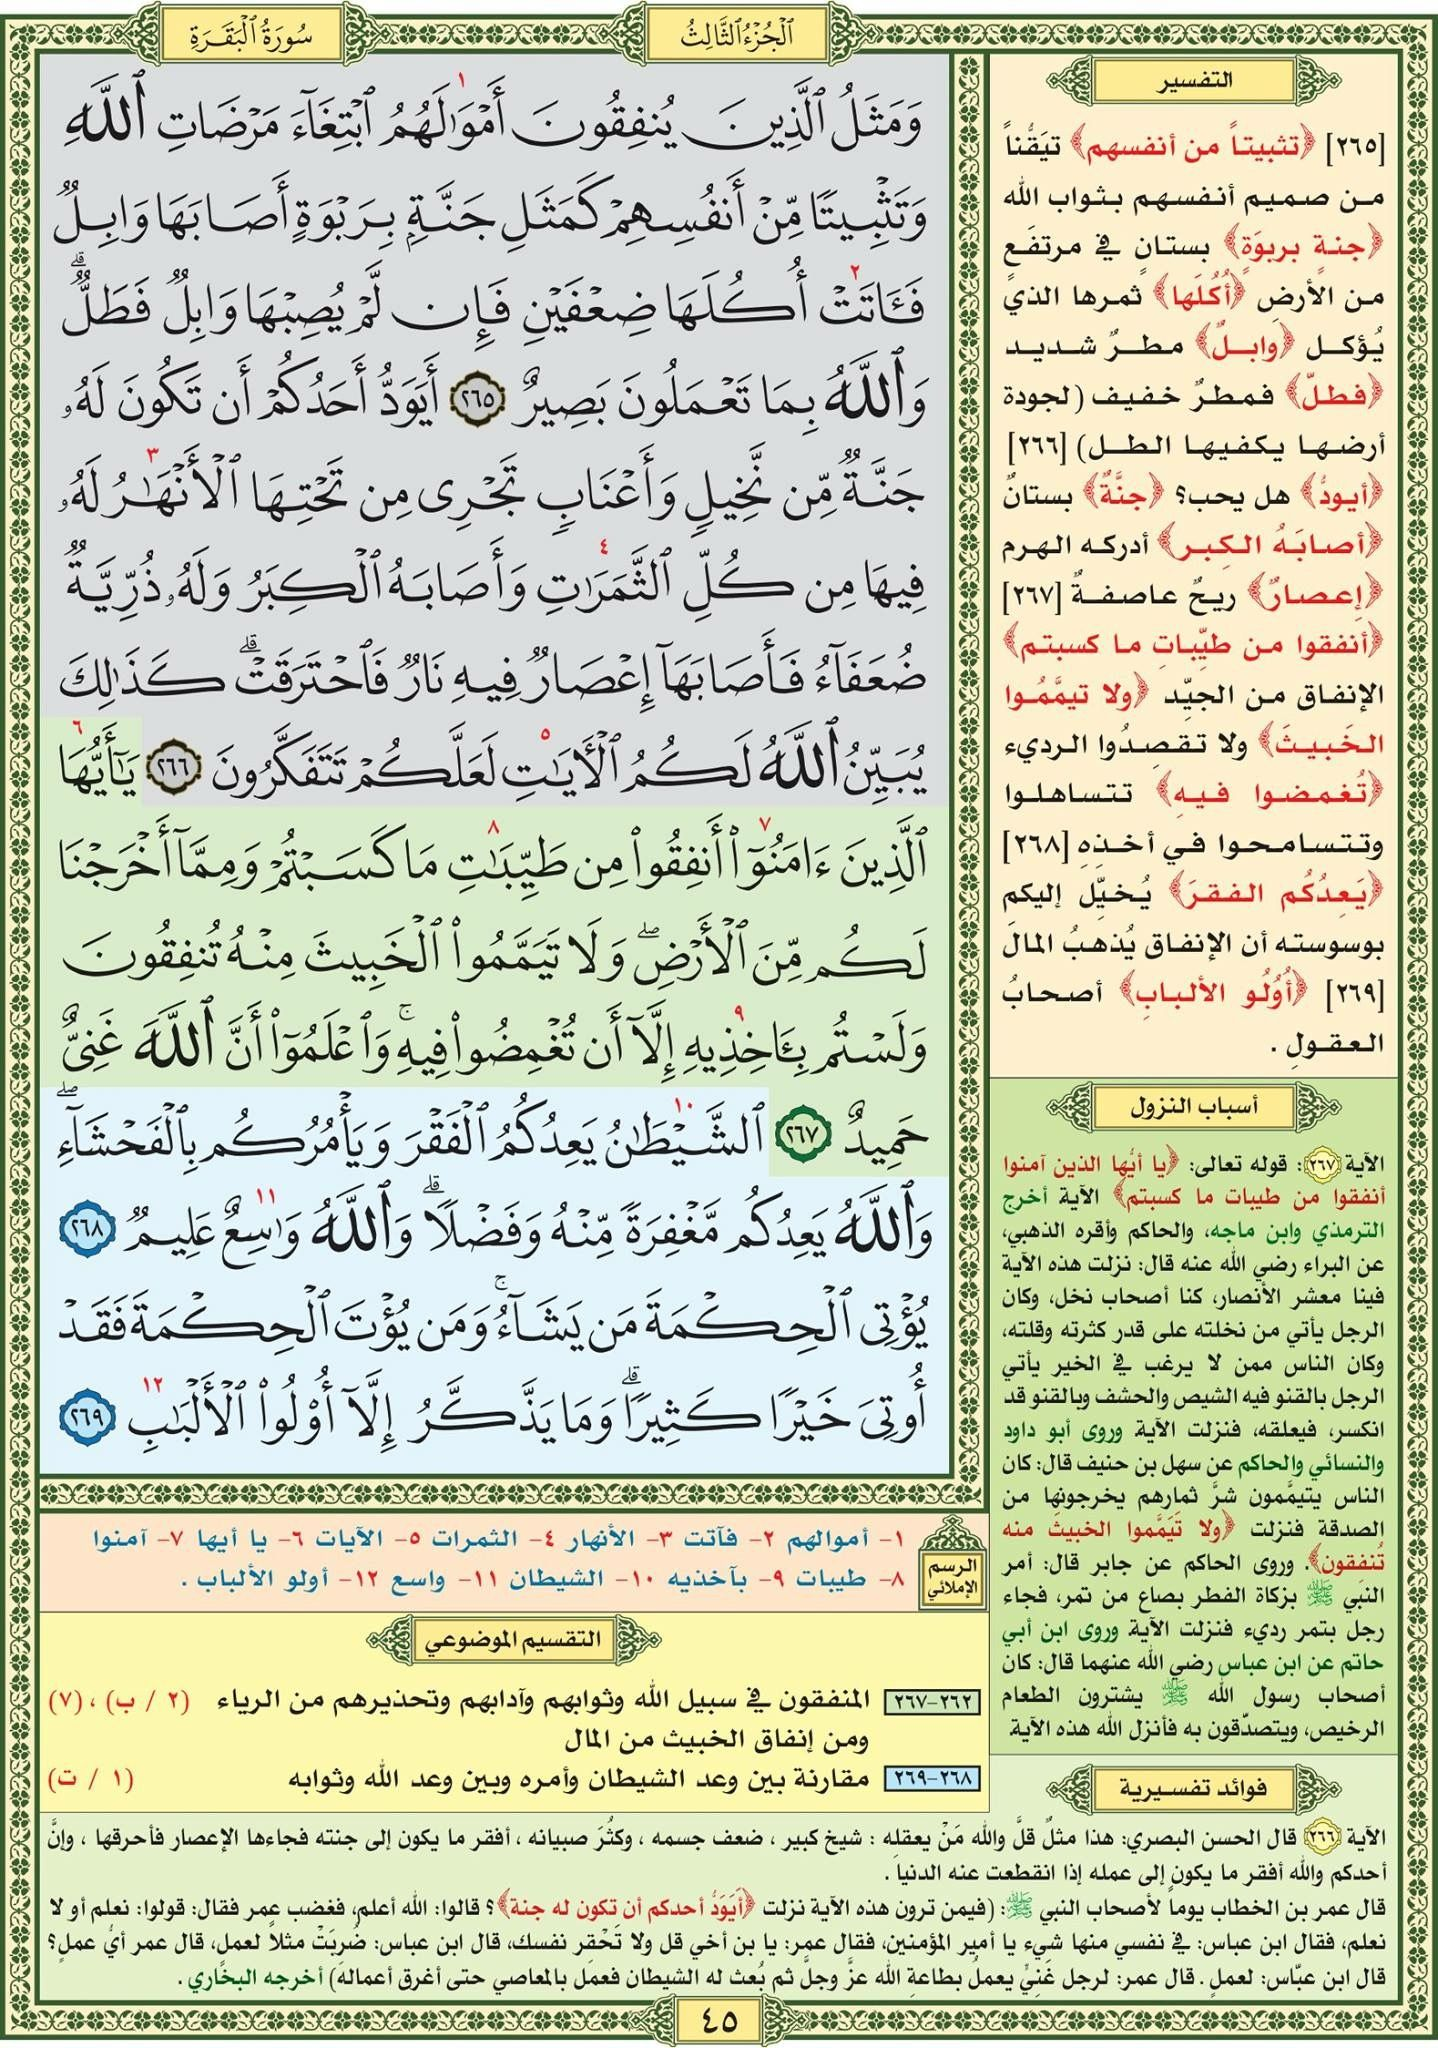 سورة البقرة صفحة رقم ٤٥ مصحف التقسيم الموضوعي للحافظ المتقن Quran Verses Verses Quran